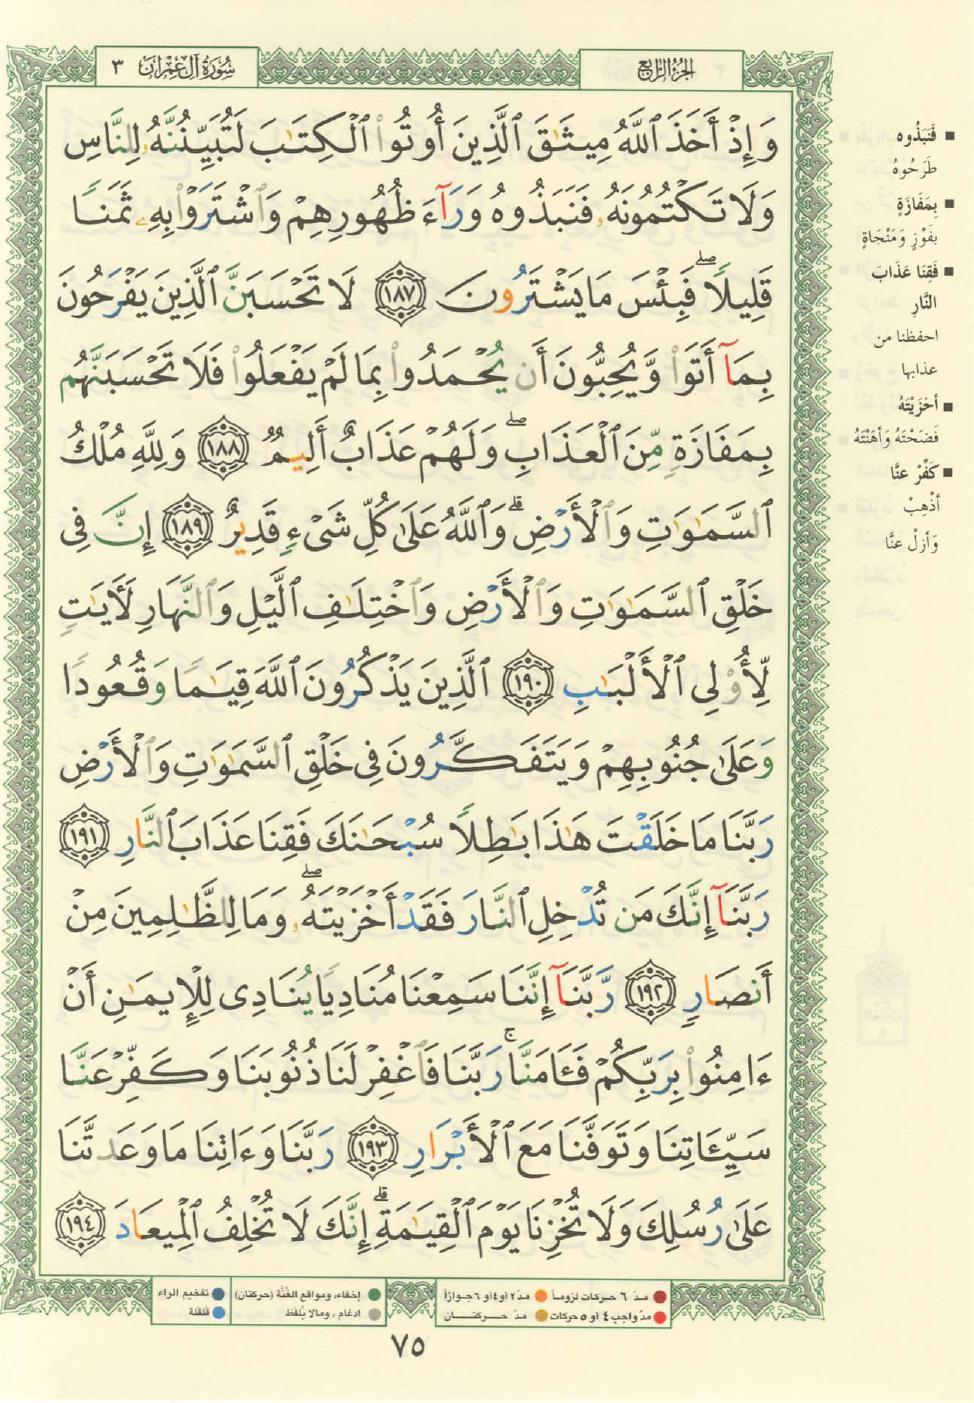 3. سورة آل عمران - Al-Imran مصورة من المصحف الشريف Quran_tajwid_000084